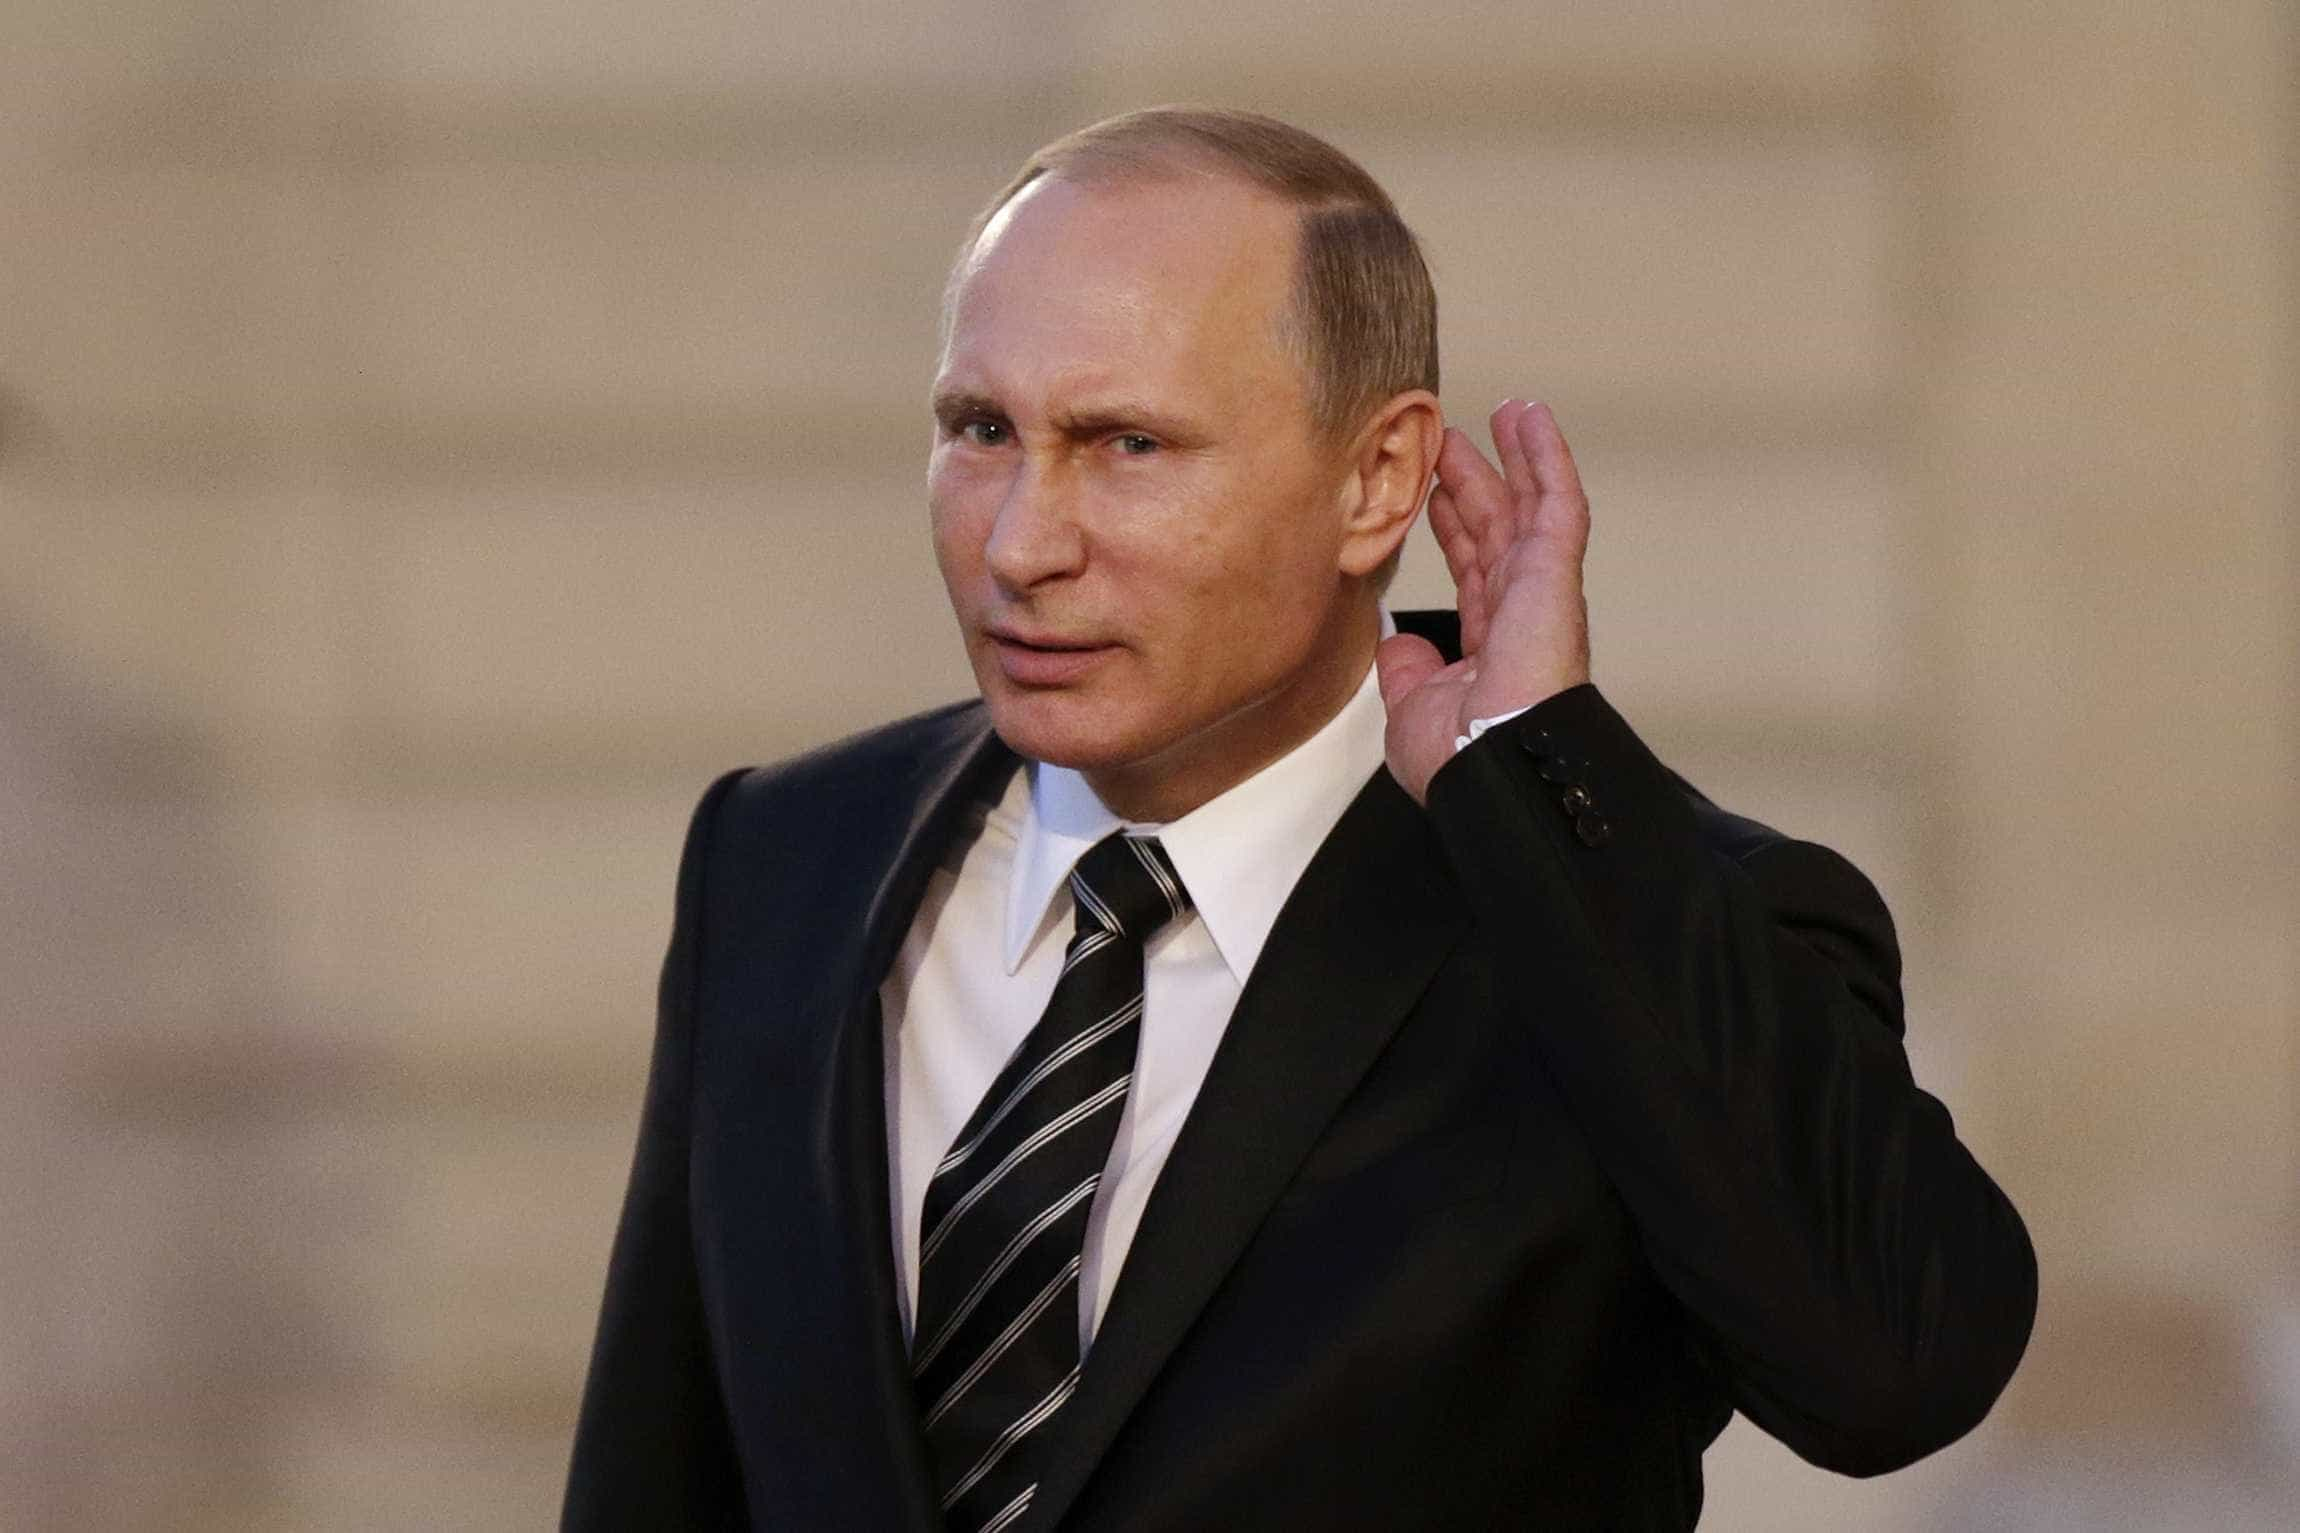 Putin ameaça apontar mísseis para Washington